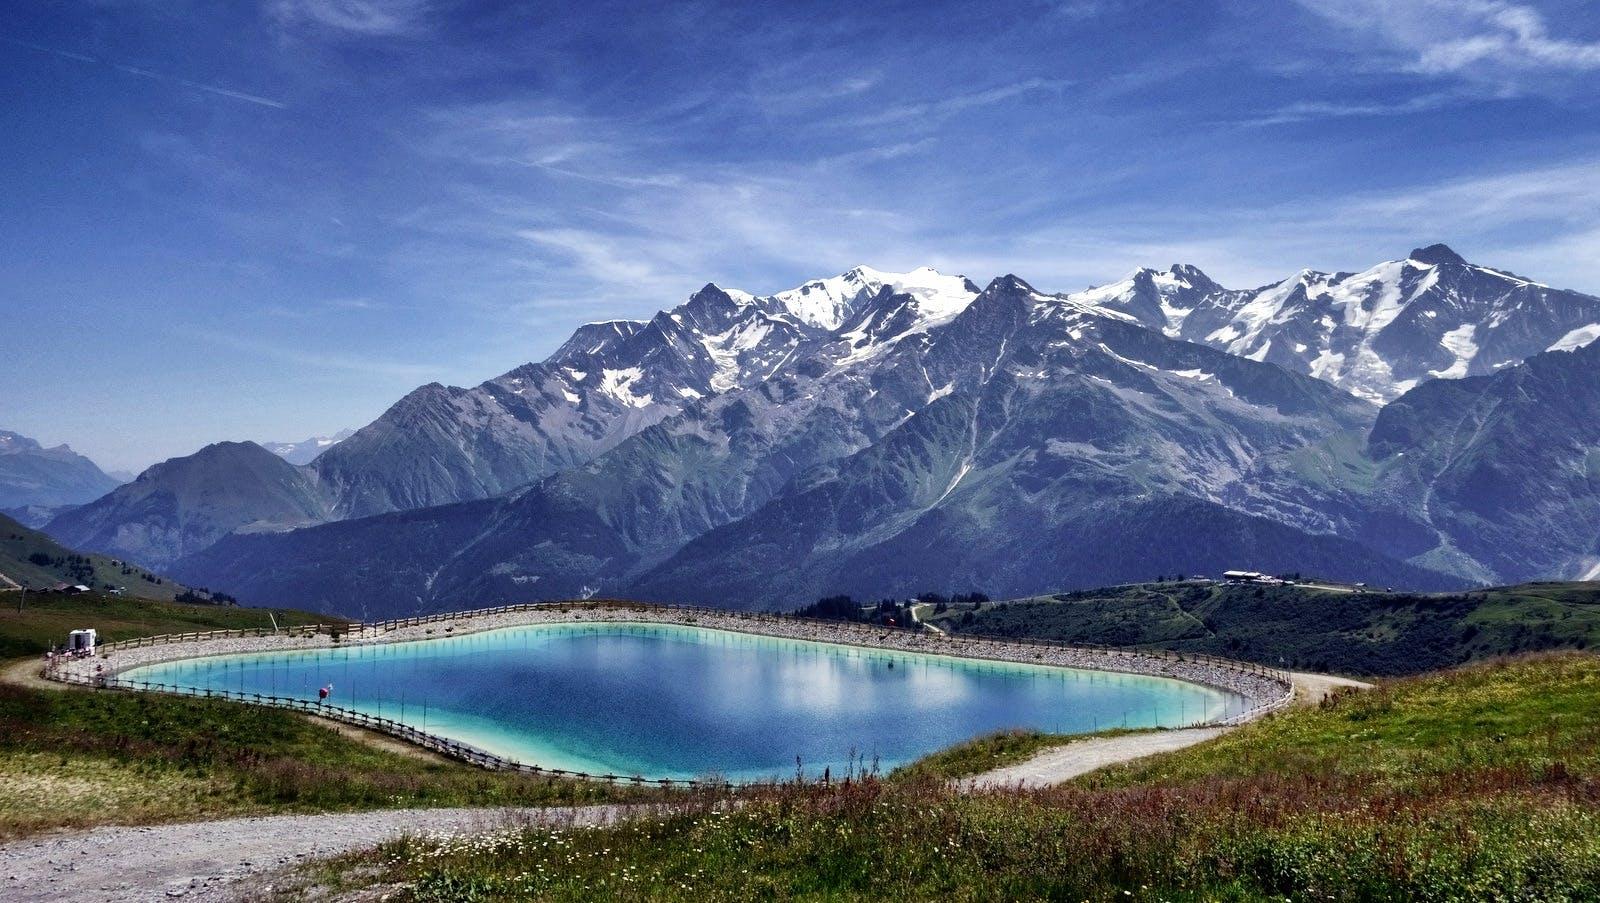 山, 山頂, 水, 絶景の無料の写真素材